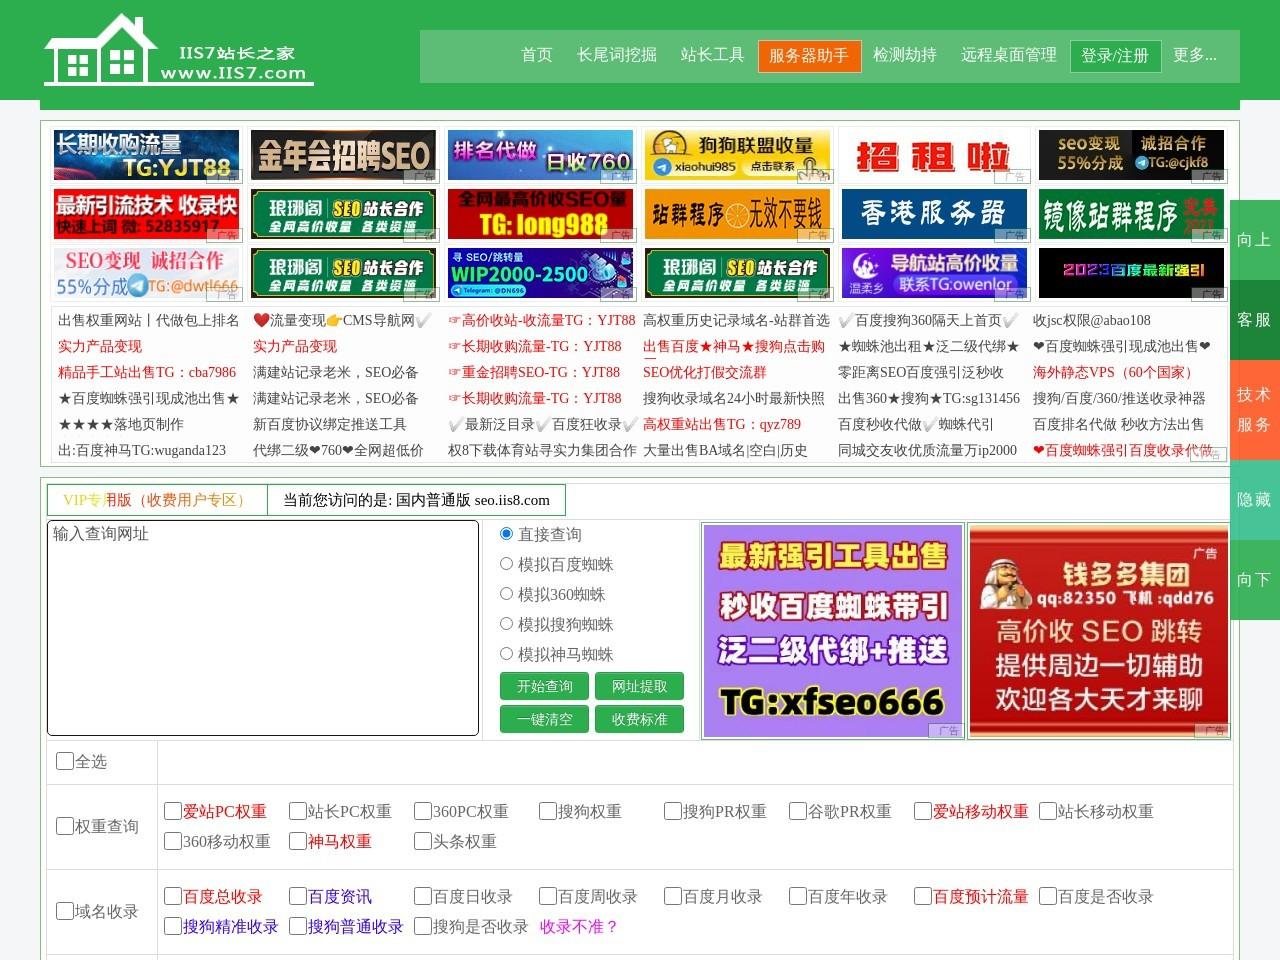 搜狗快照_IIS7站长工具 - 网站批量查询工具【IIS7站长之家】